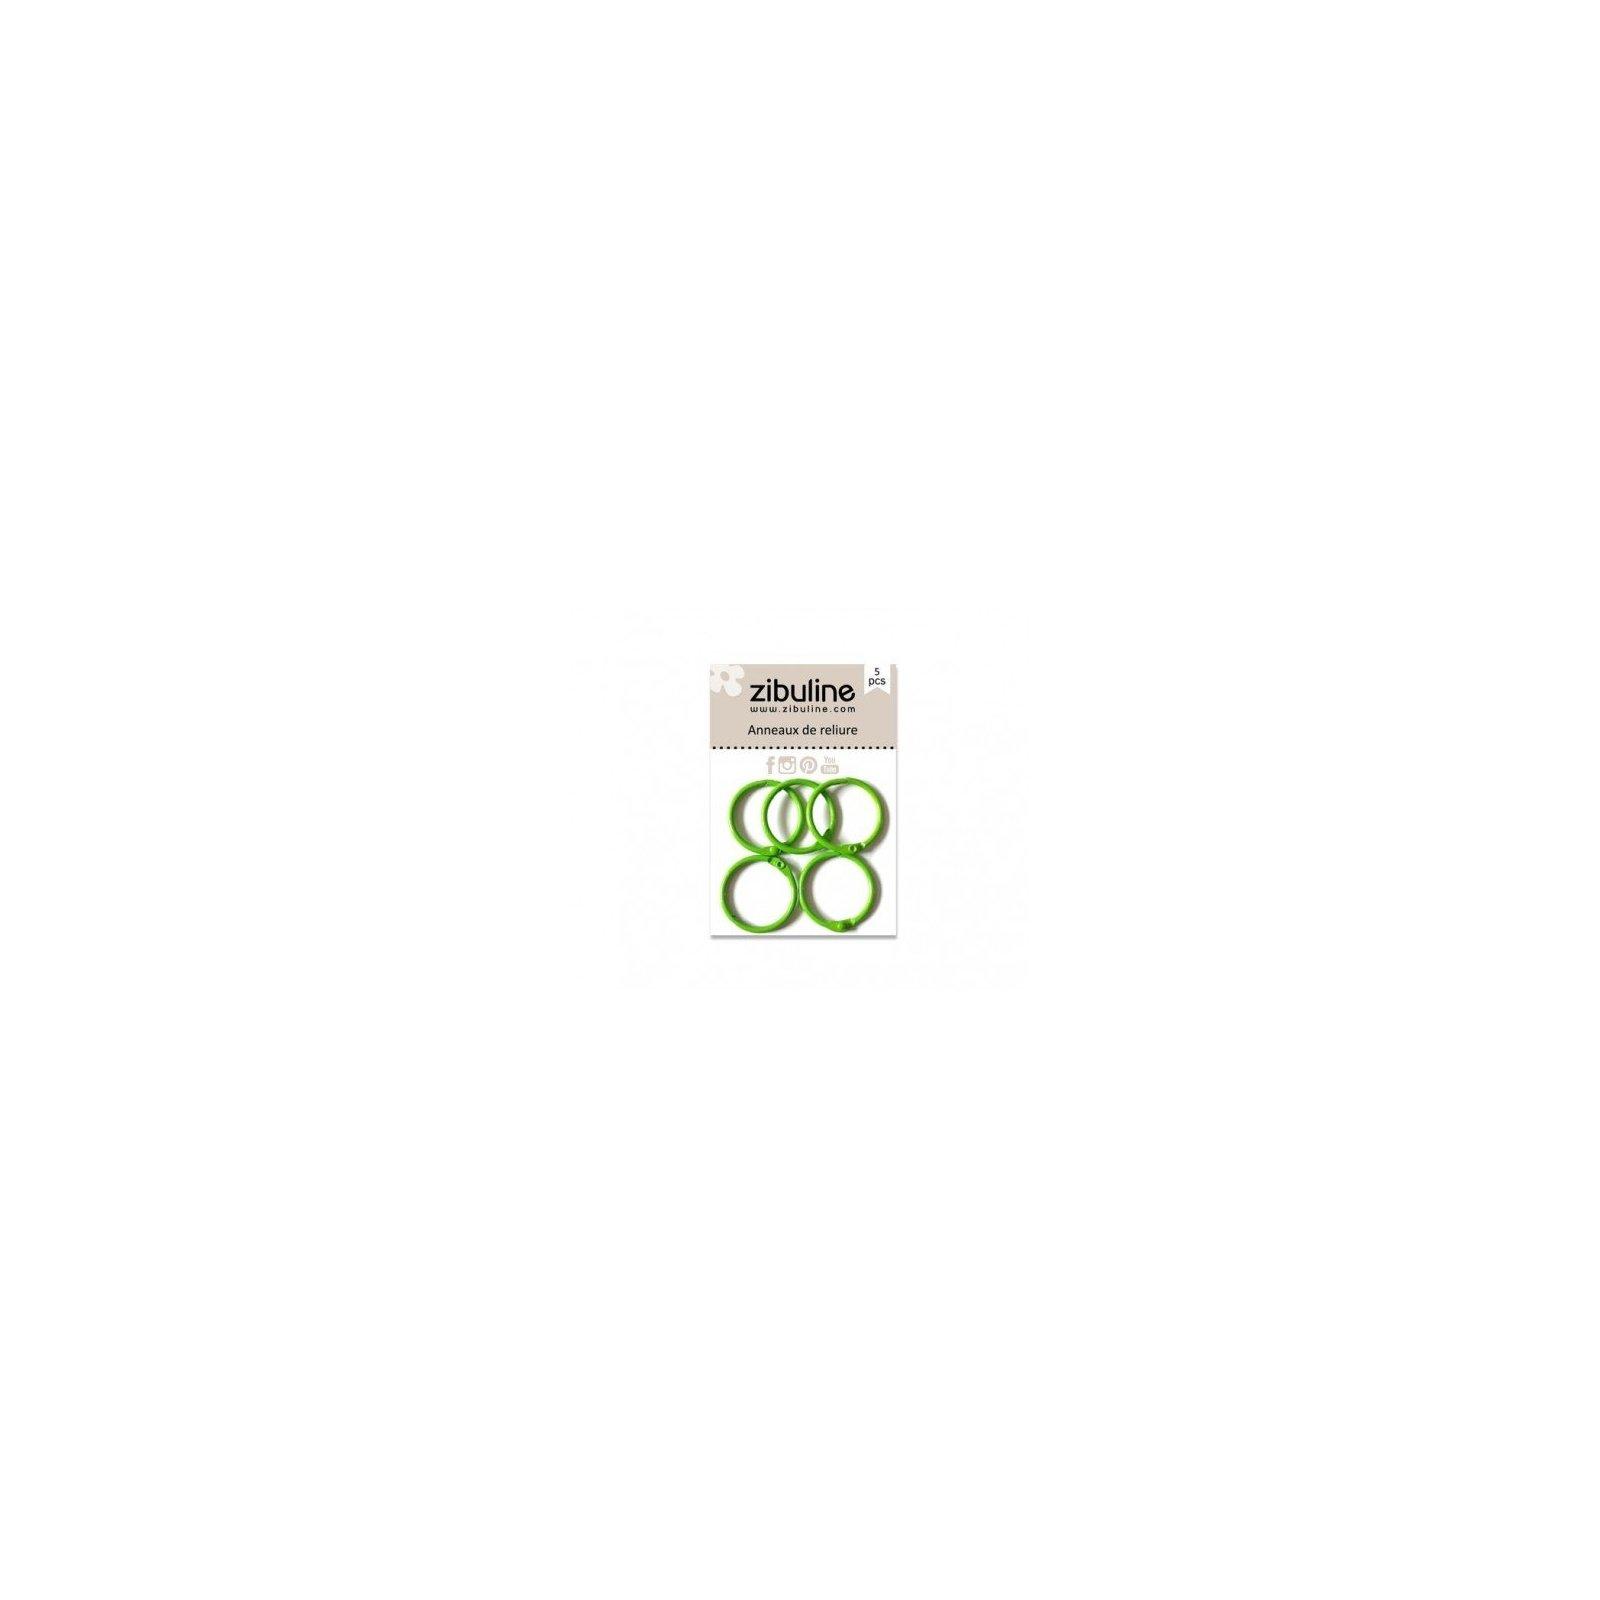 Anneaux de reliure 25 mm - Vert foncé - Zibuline